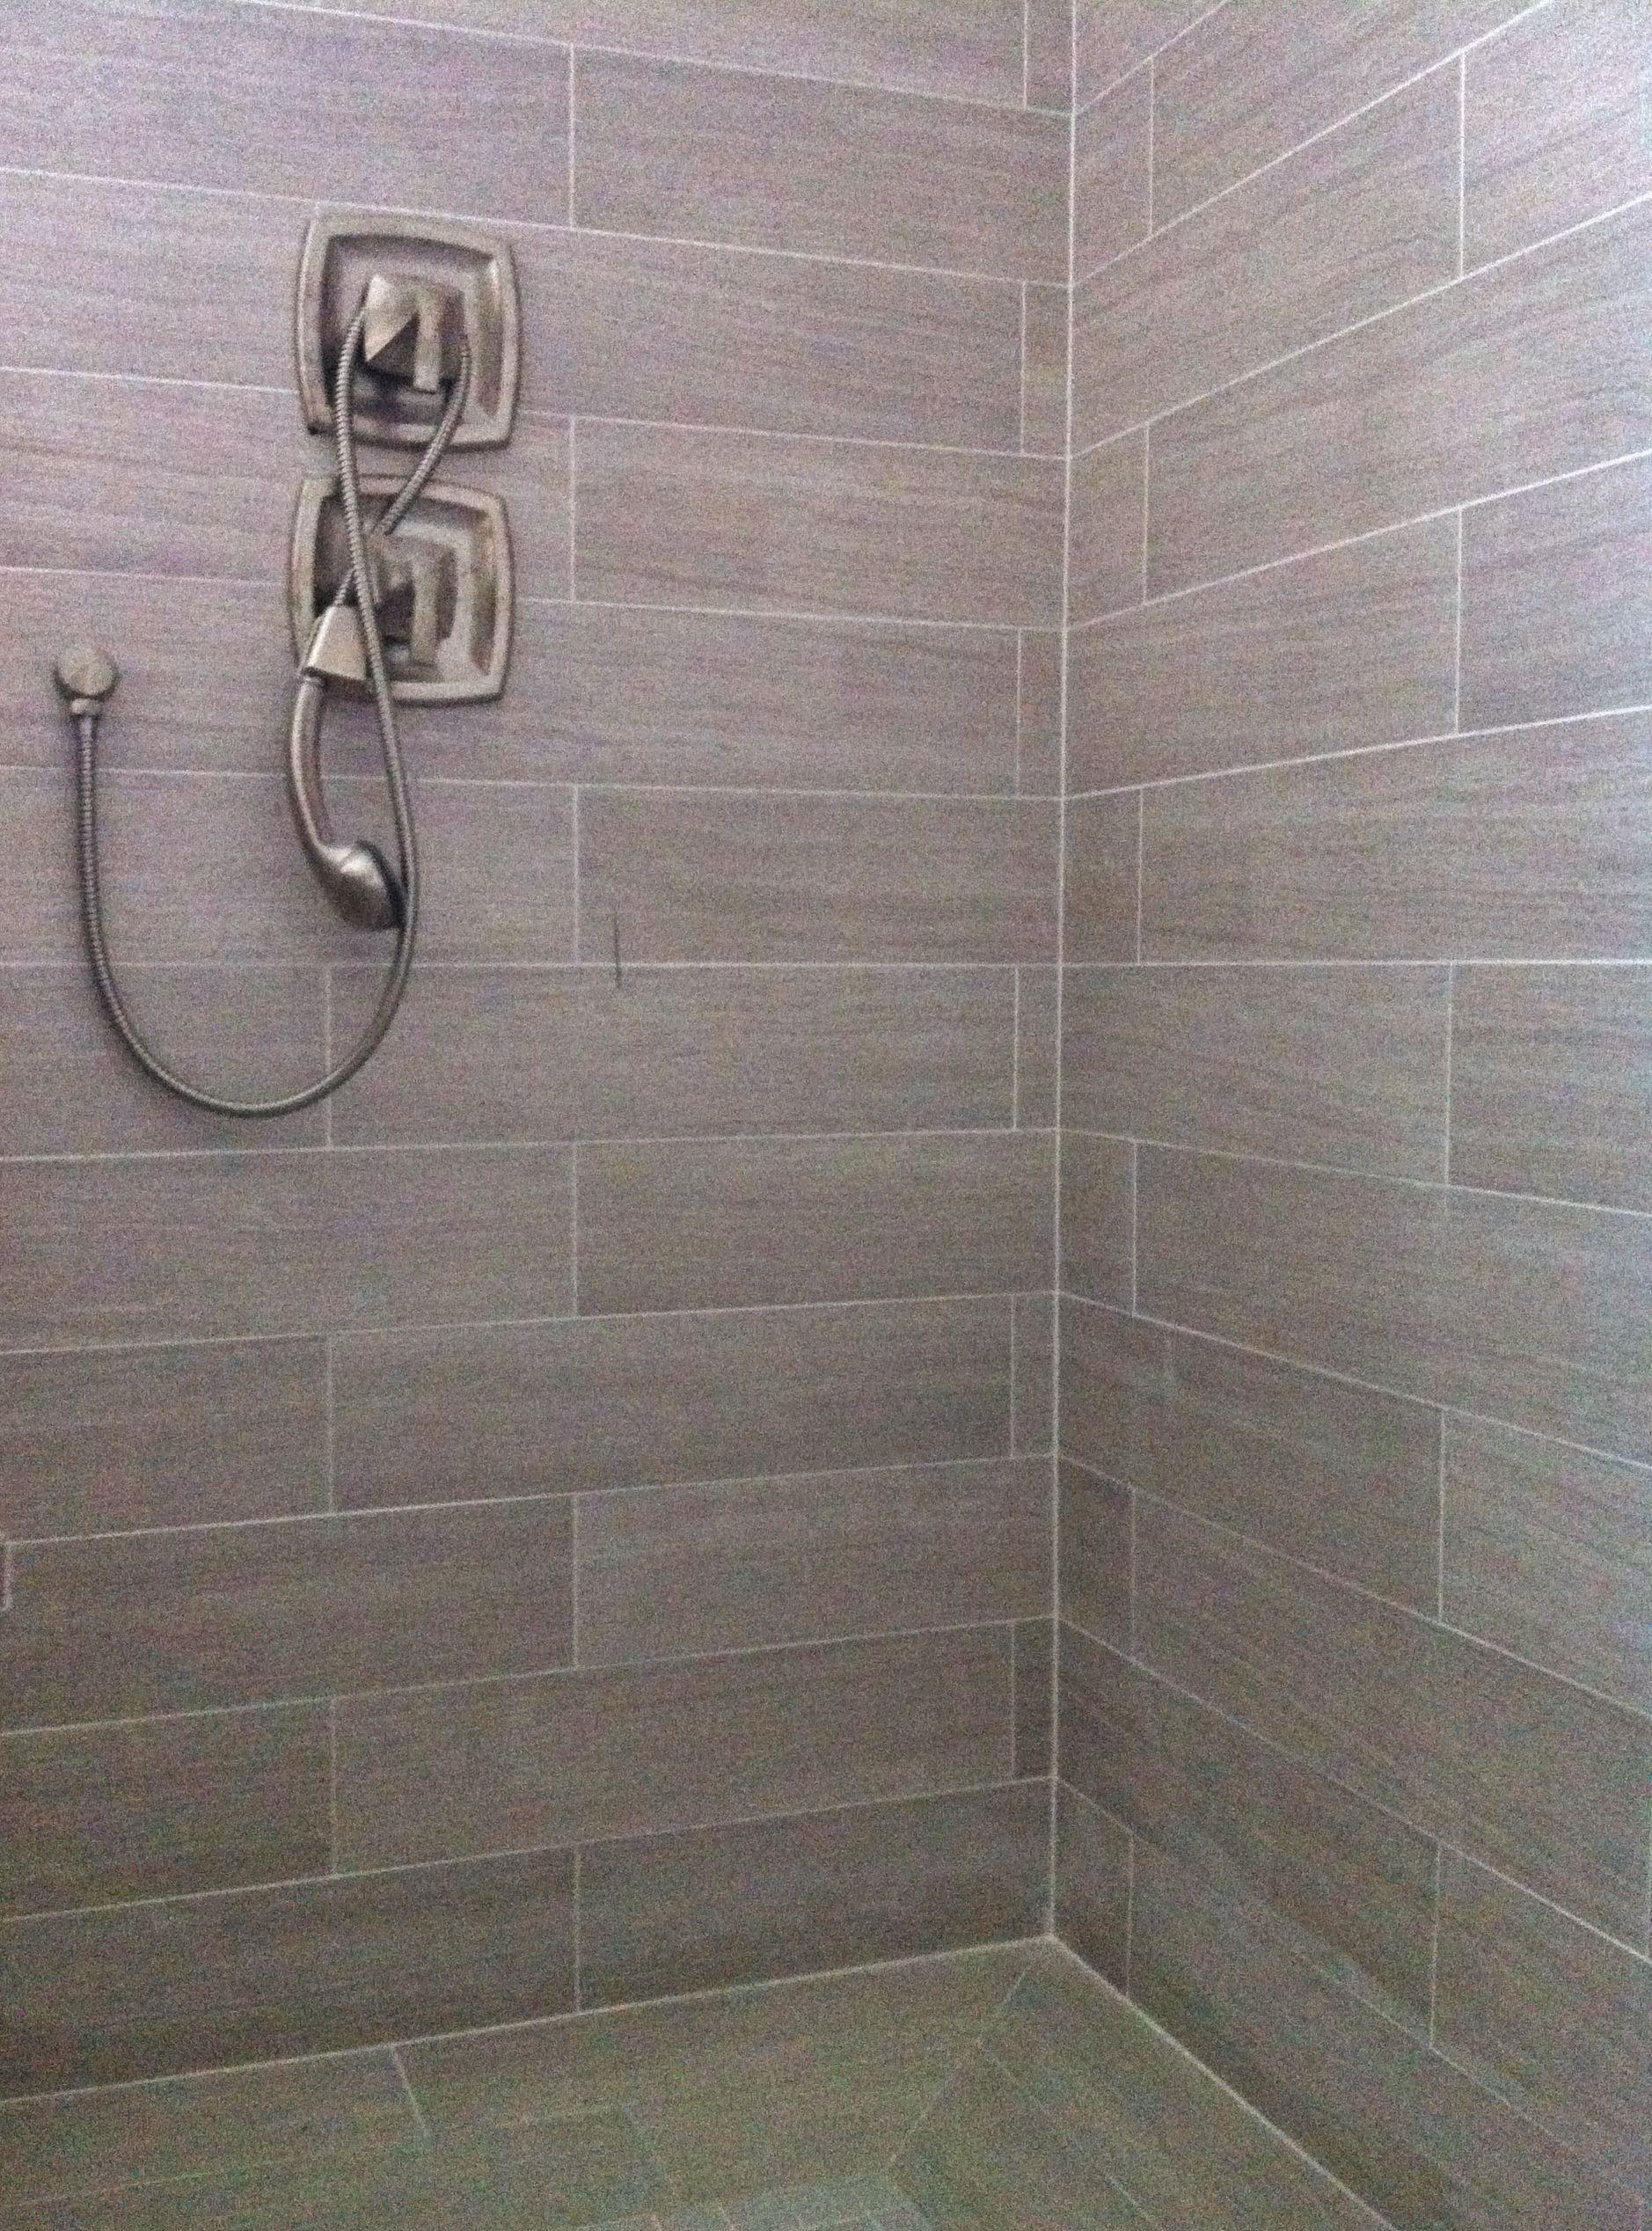 6x24 Porcelain Tile Patterned Bathroom Tiles Tile Bathroom Shower Tile